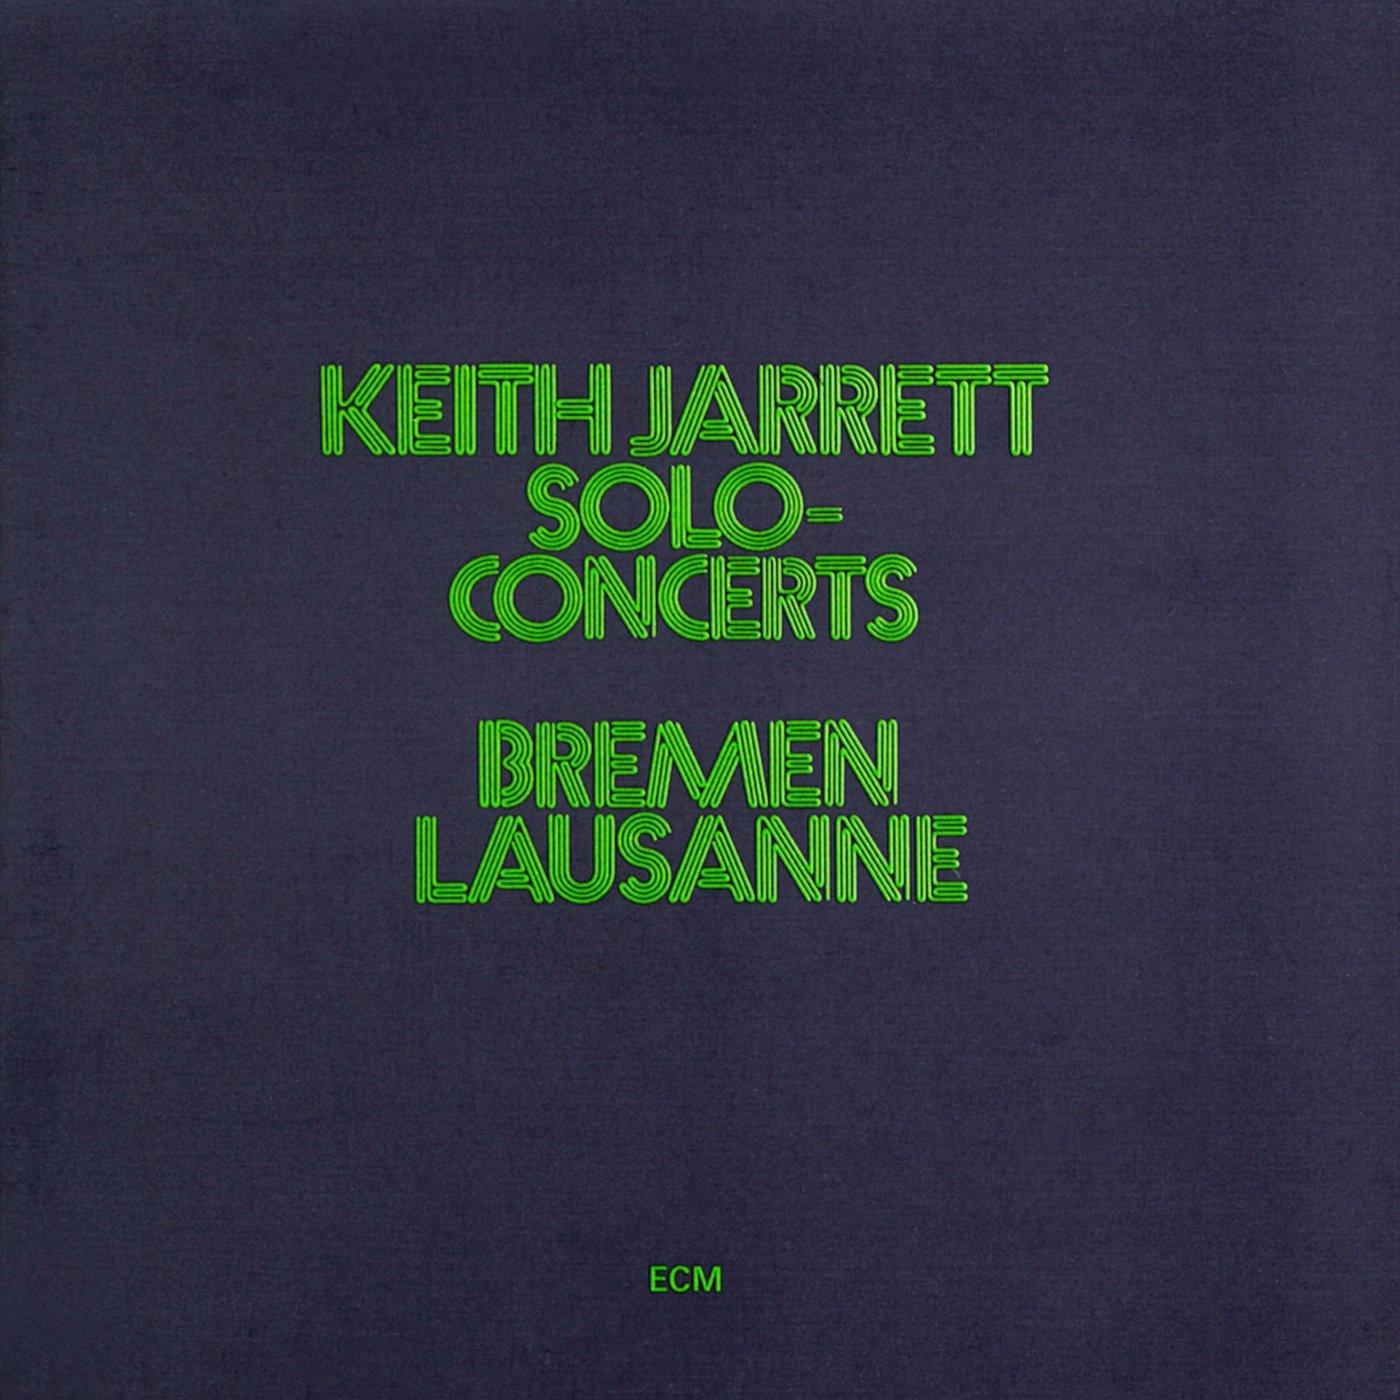 Solo Concerts: Bremen & Lausanne by Ecm